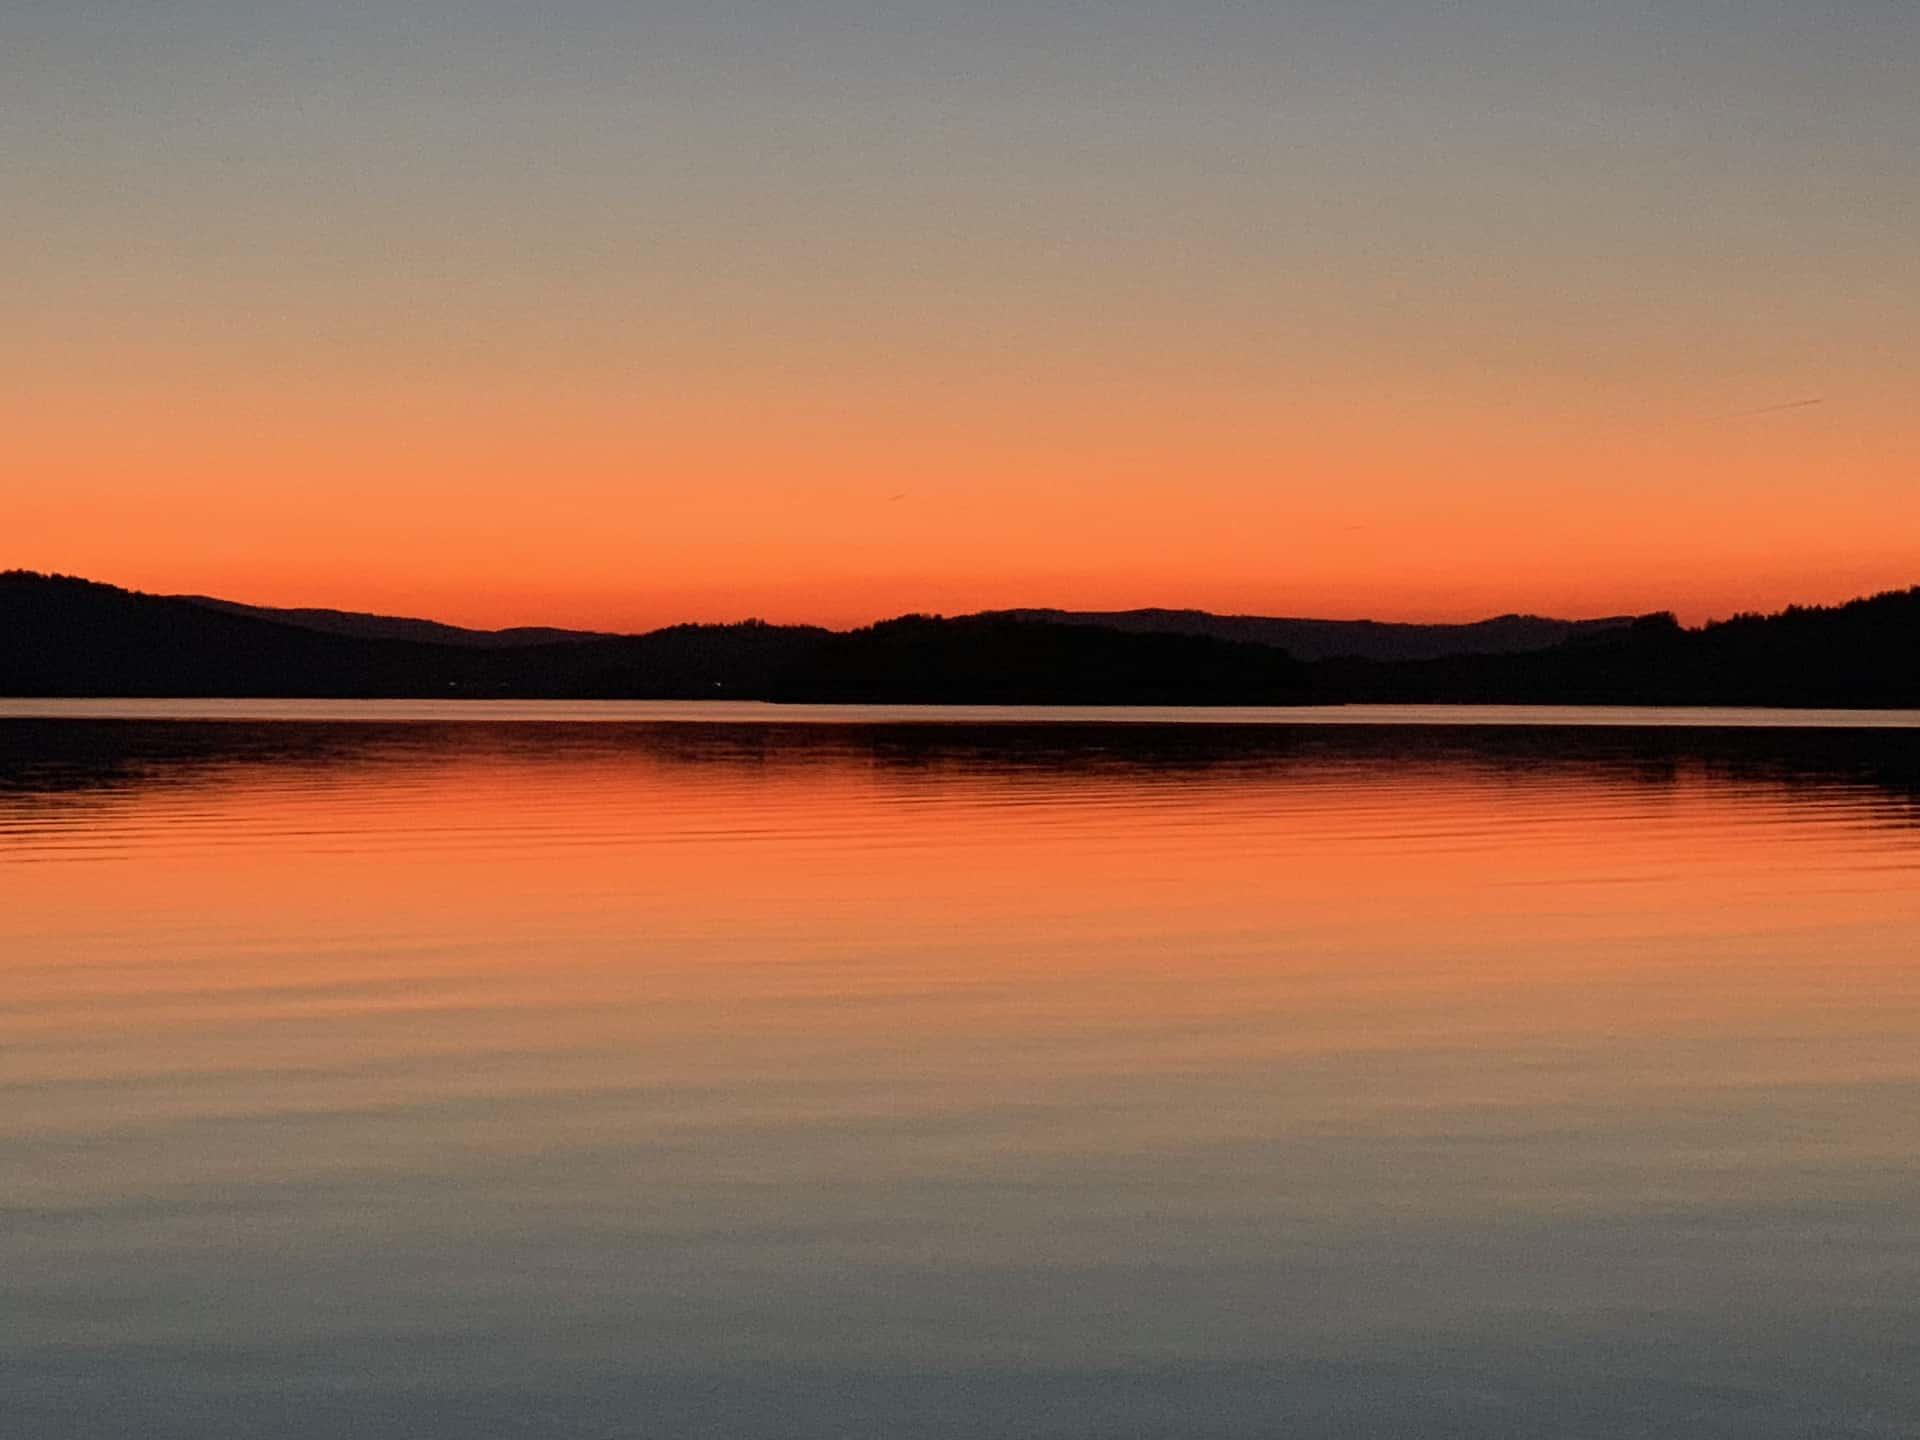 Schöner_Sonnenuntergang_6